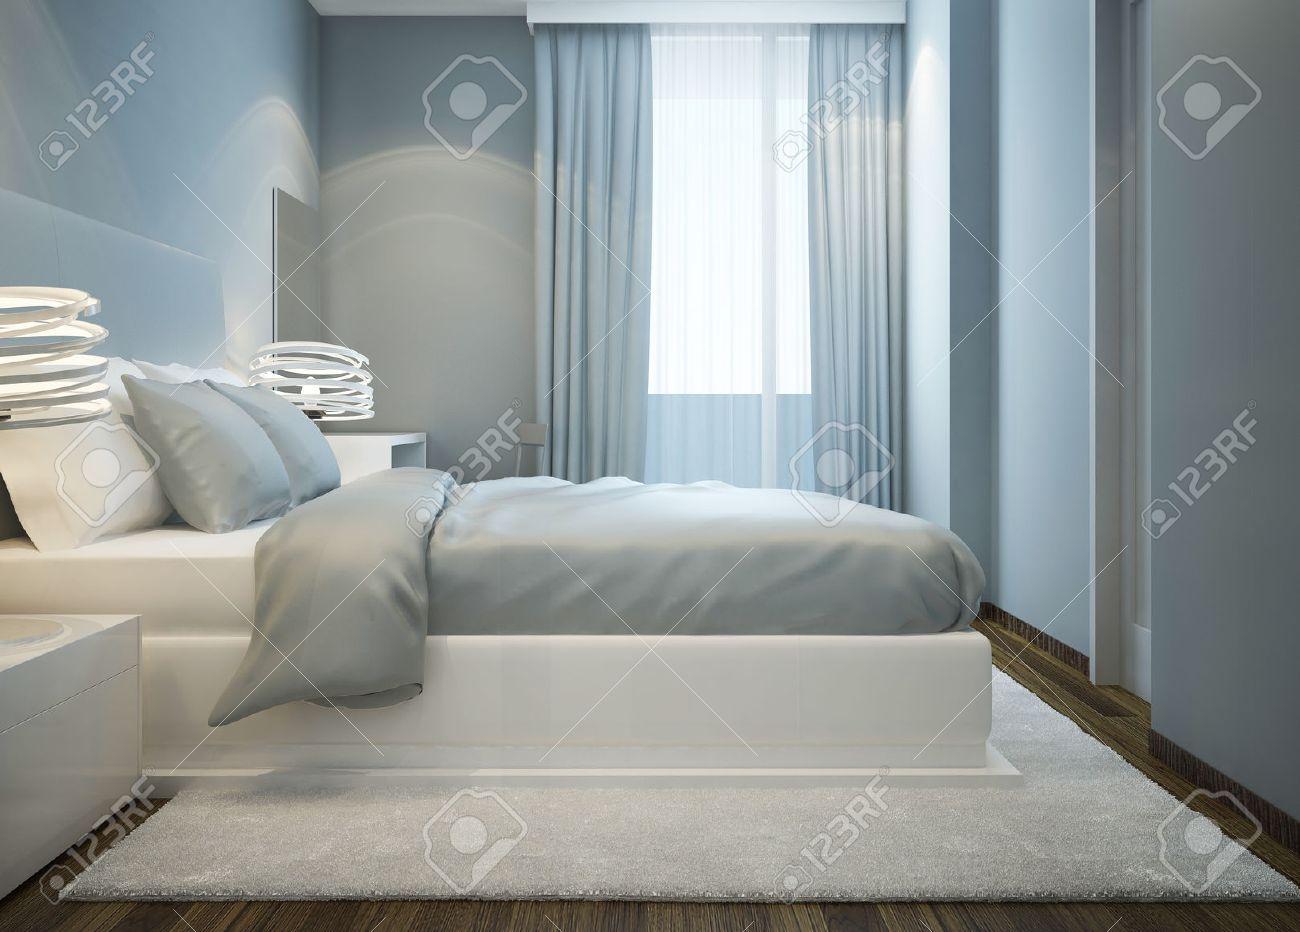 cama blanca nevado en la habitación azul. dormitorio principal con